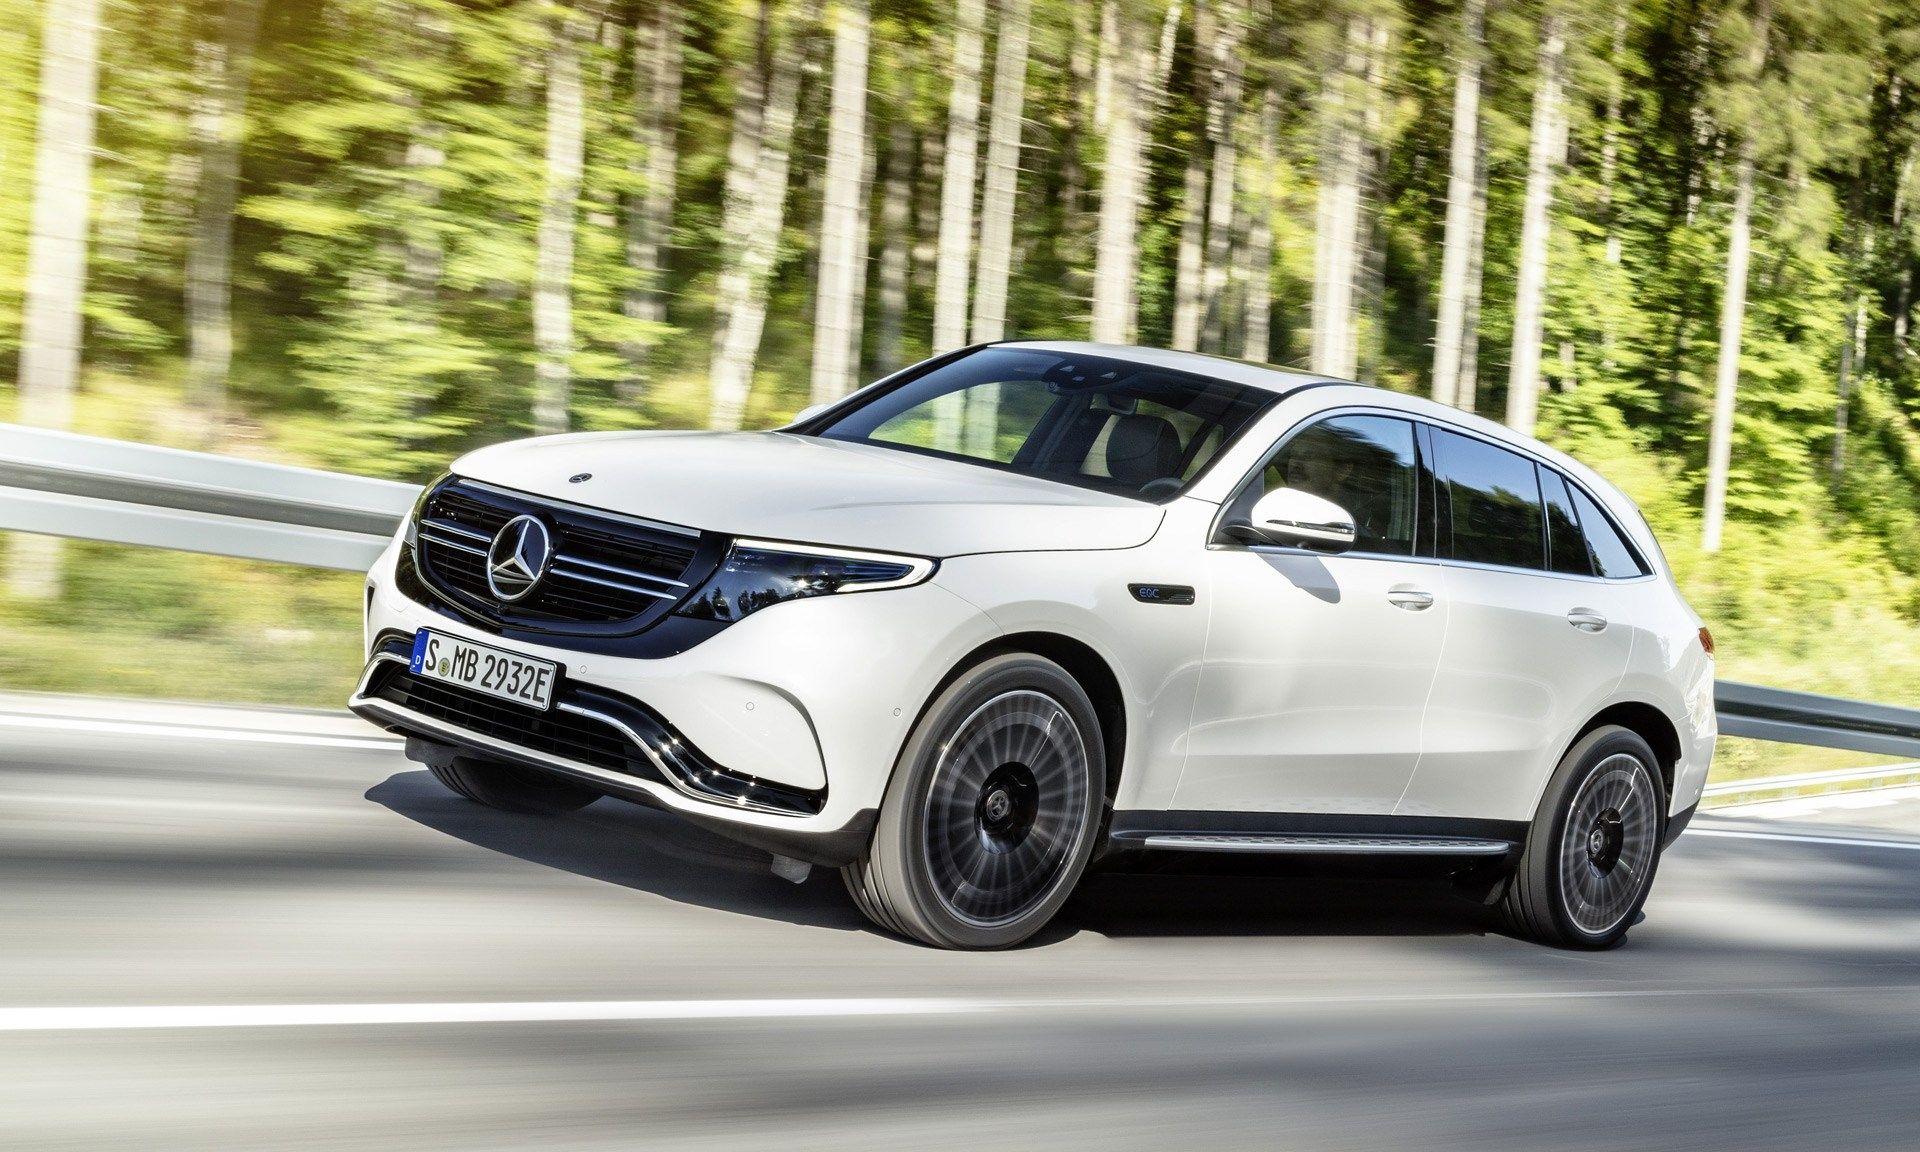 2020 Mercedes Benz Eqc Specs Mercedes Electric Benz Mercedes Benz